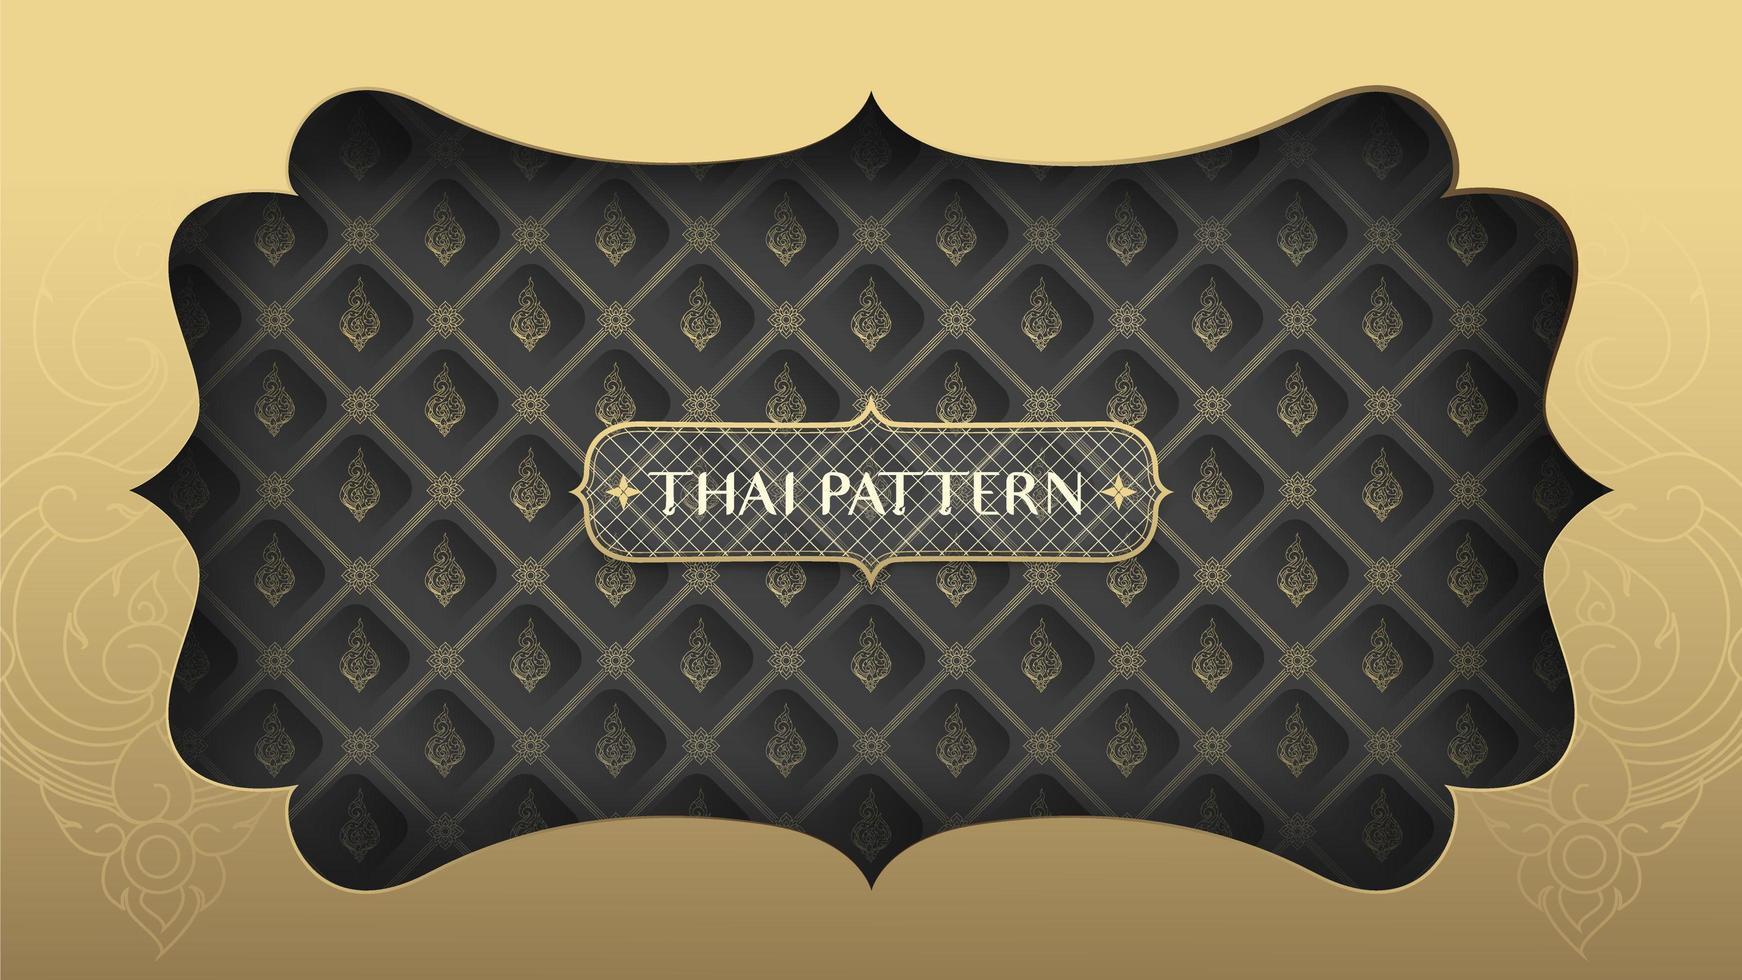 gyllene ram över svart och guld thai mönster vektor